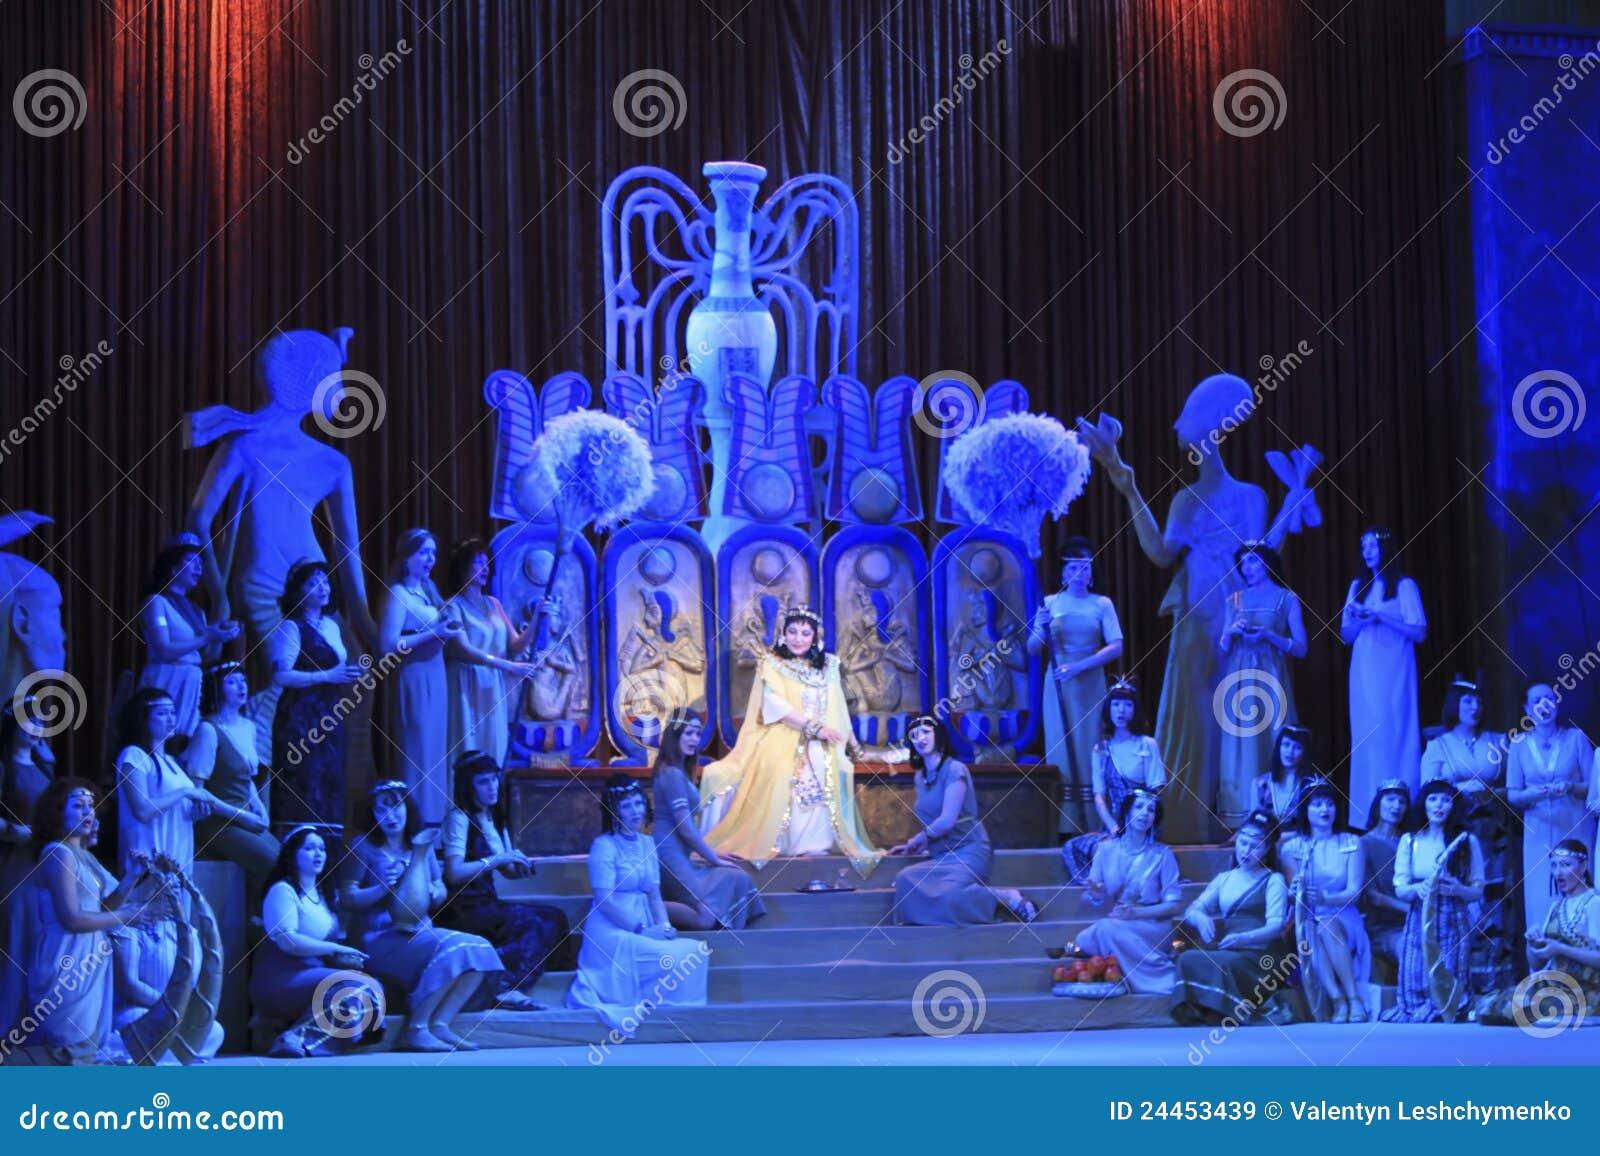 Μια σκηνή από την όπερα Aida